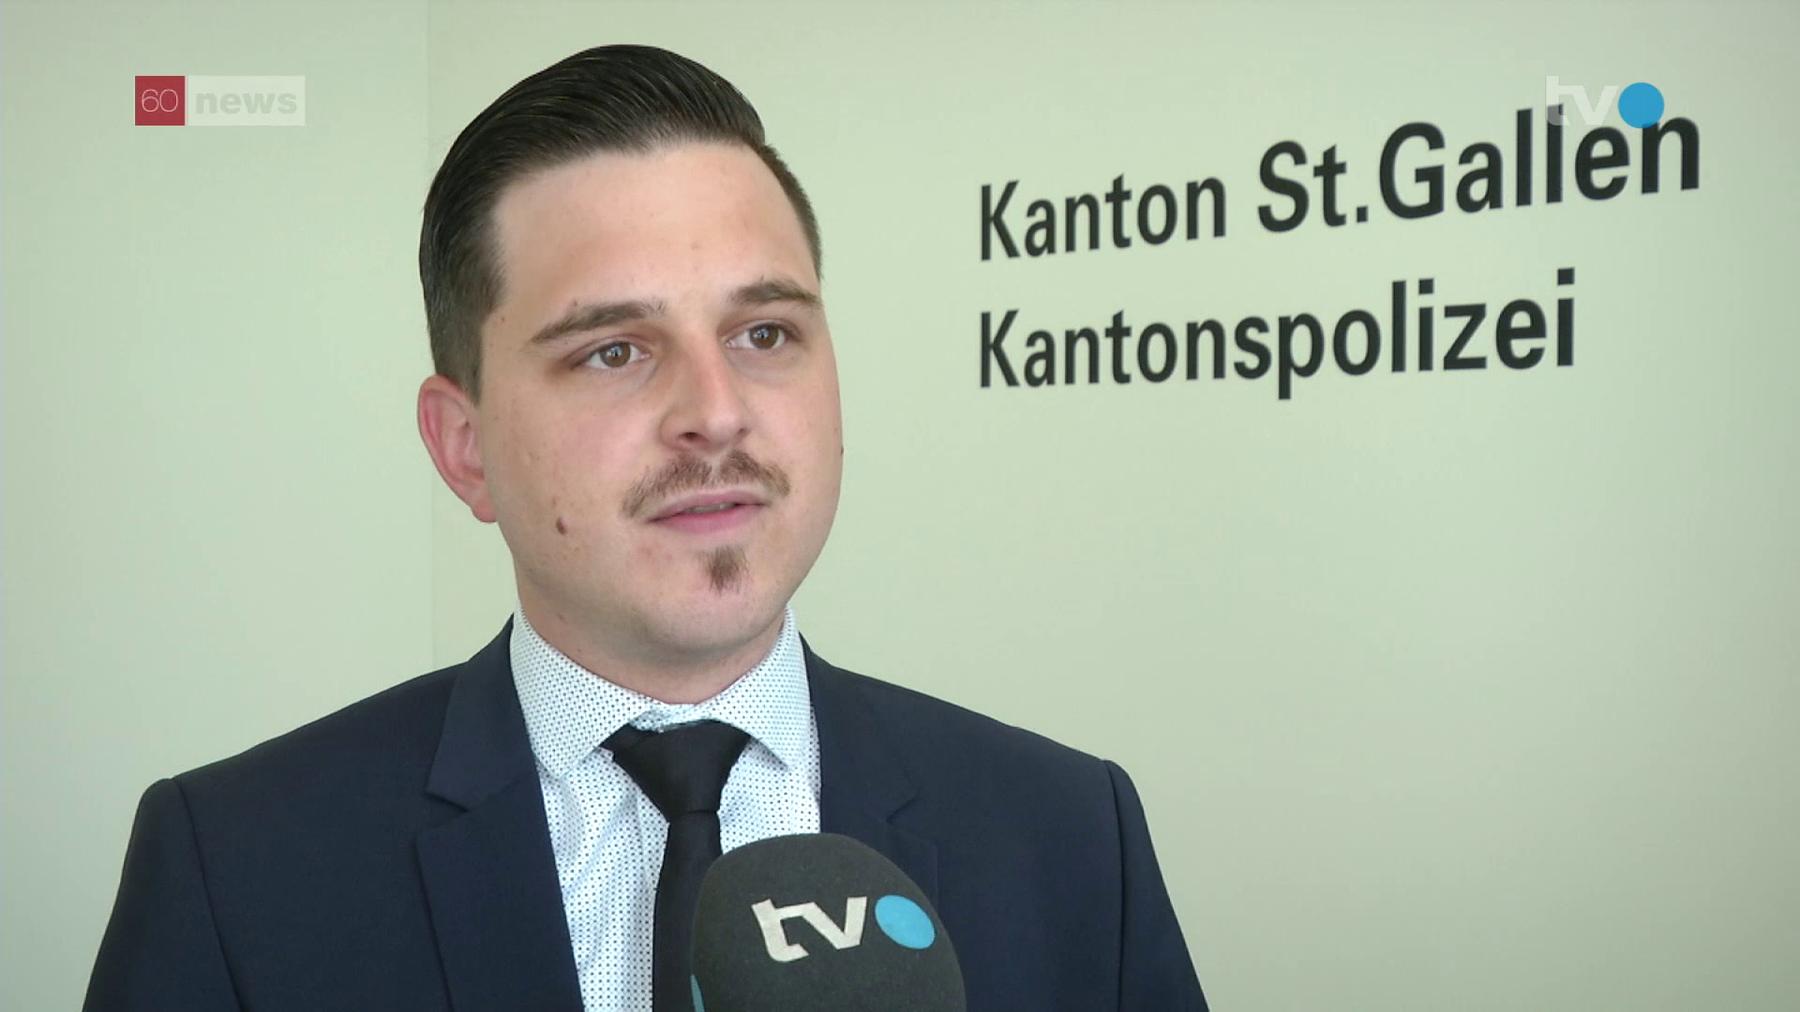 Florian Schneider von der Kantonspolizei St.Gallen verspricht Besserung in der Kommunikation (Bild: TVO/Thomas Bartlome)